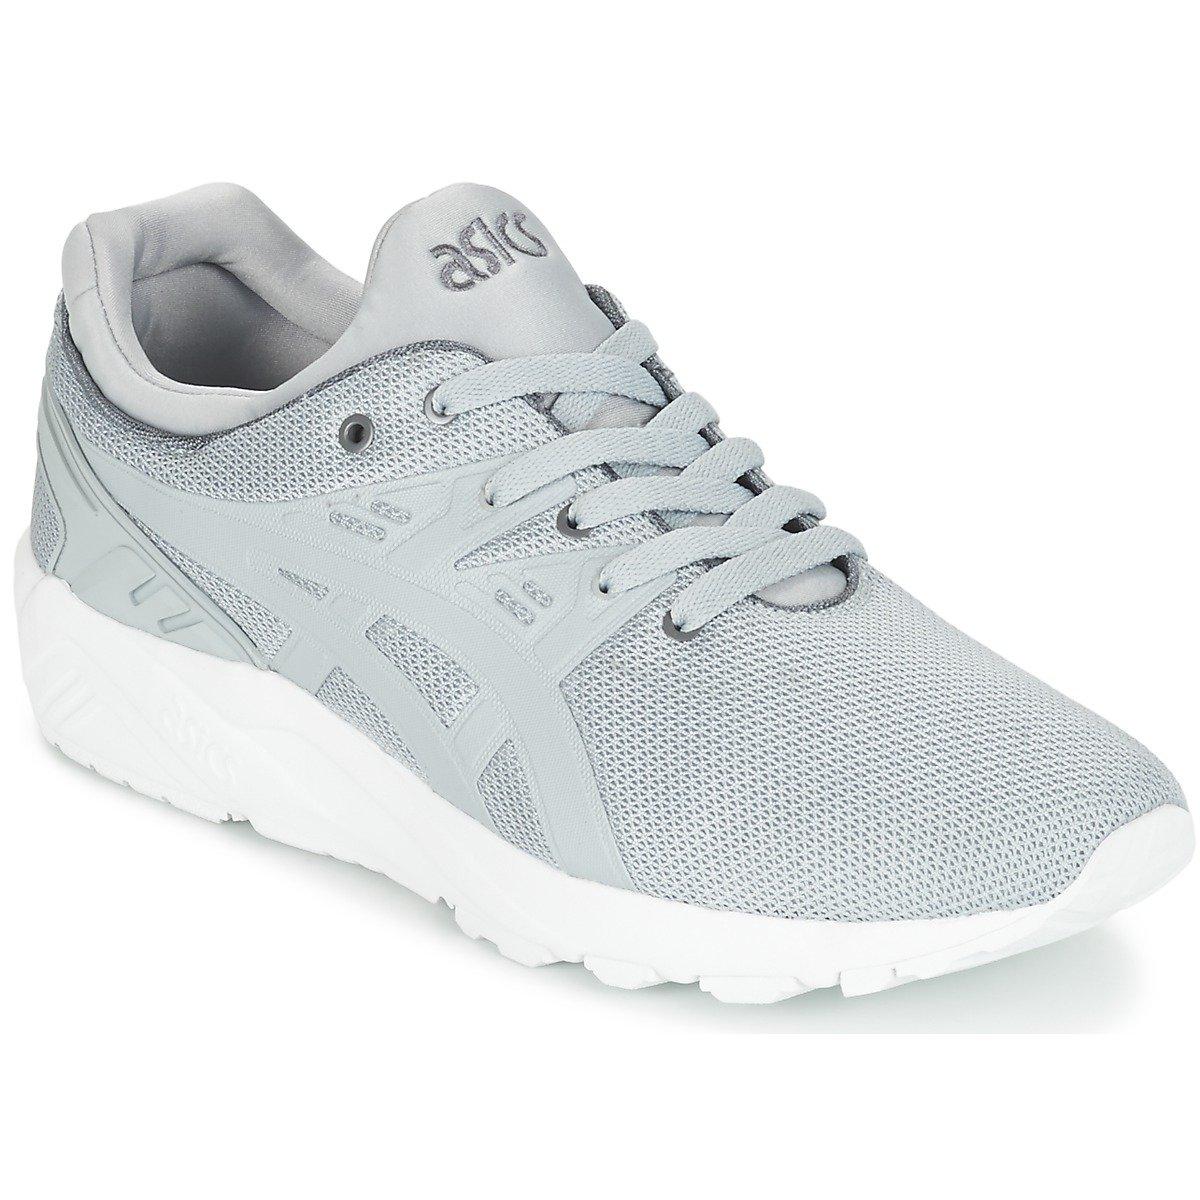 Asics Gel Kayano Trainer EVO Calzado 6|Gris Venta de calzado deportivo de moda en línea